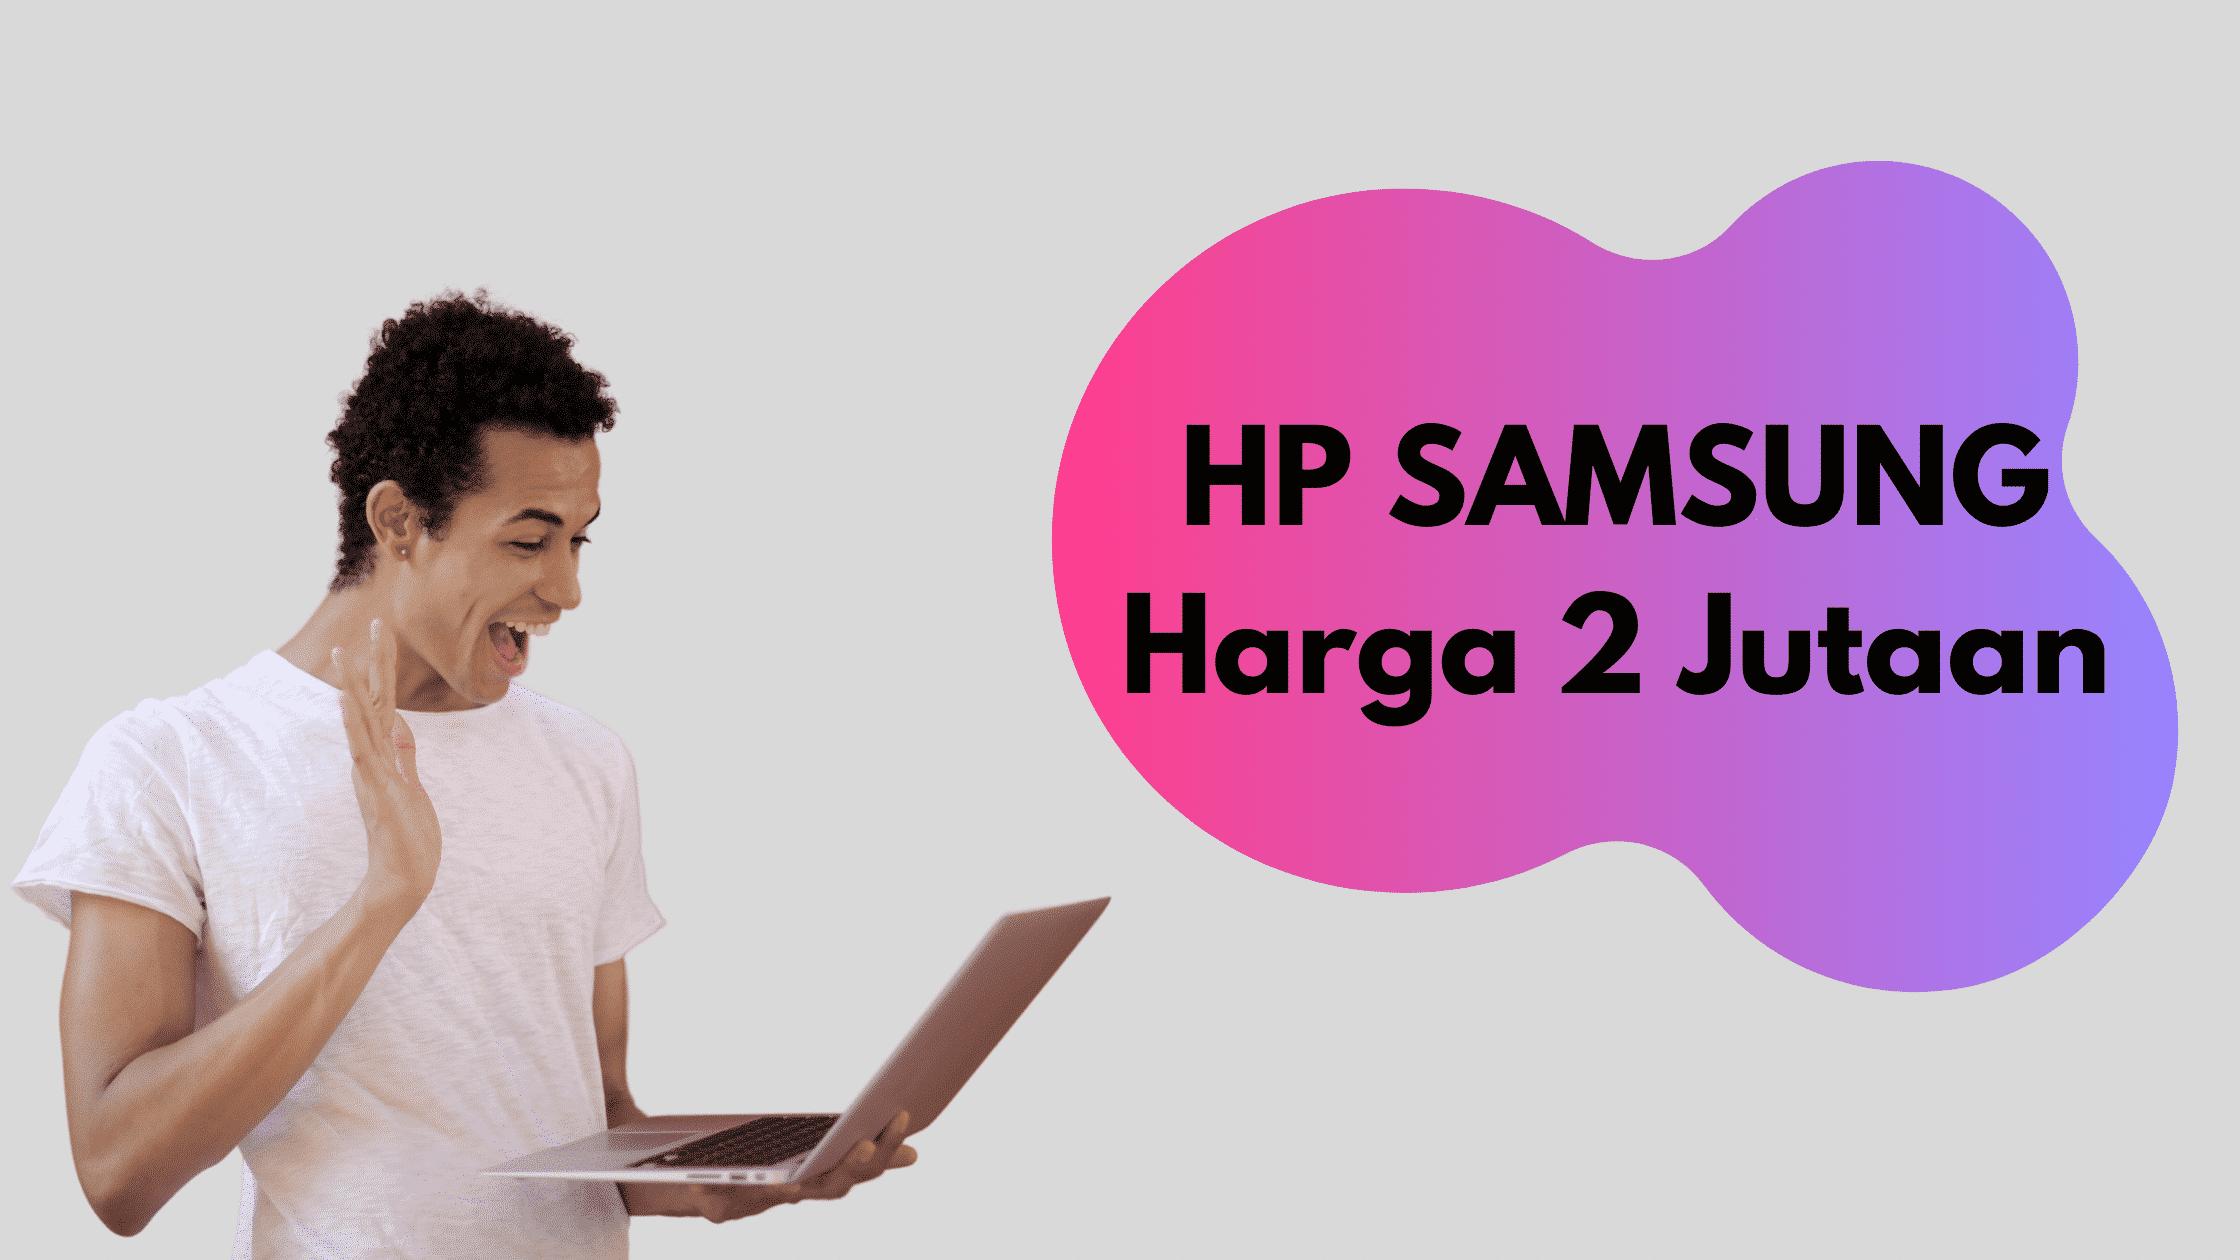 HP samsung Harga 2 Jutaan